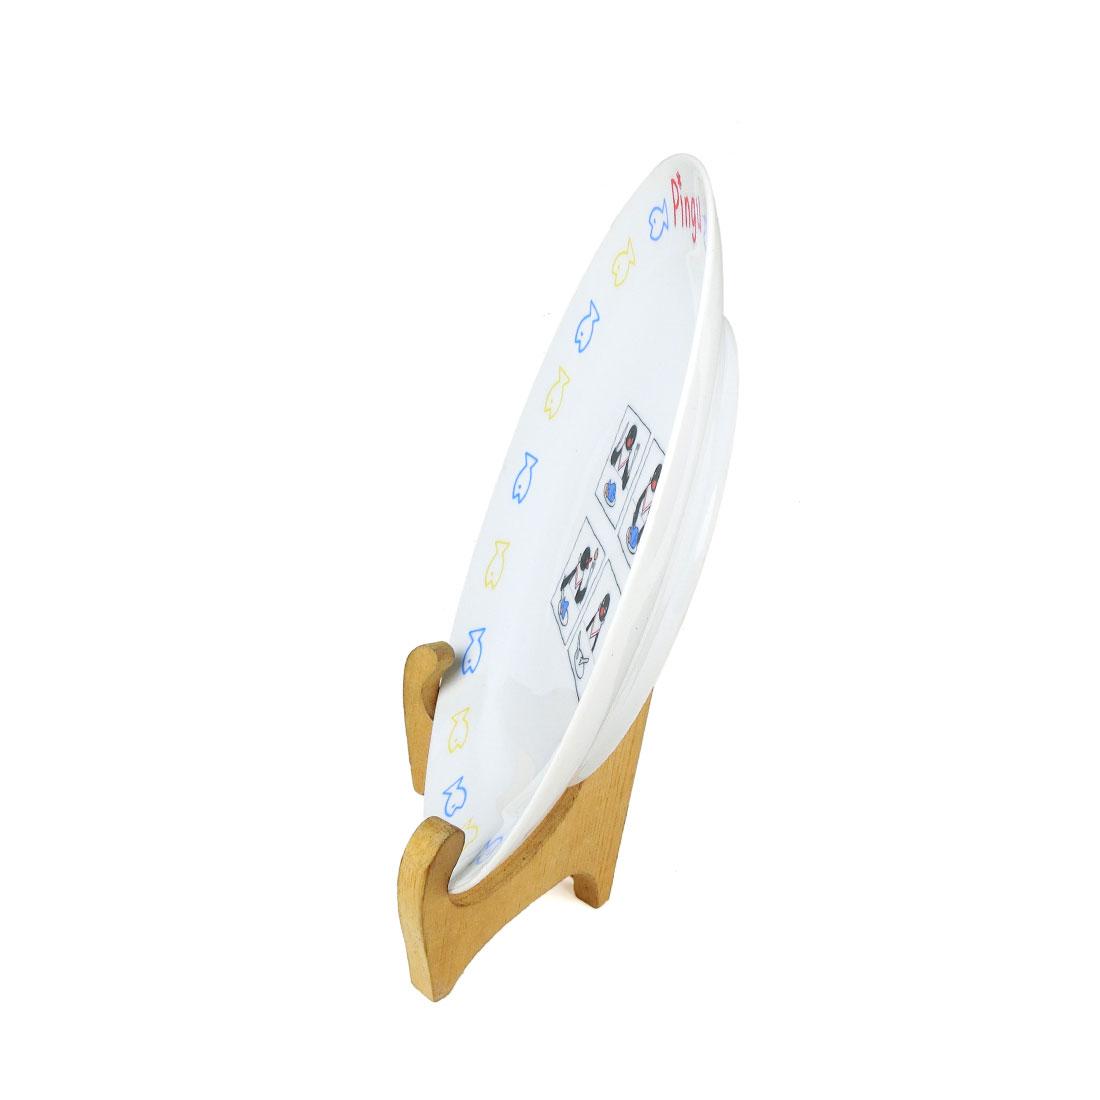 Dĩa Sứ Hình Chim Cánh Cụt Pingu Có Triện - Nhật - 24 x 3 cm - 413570